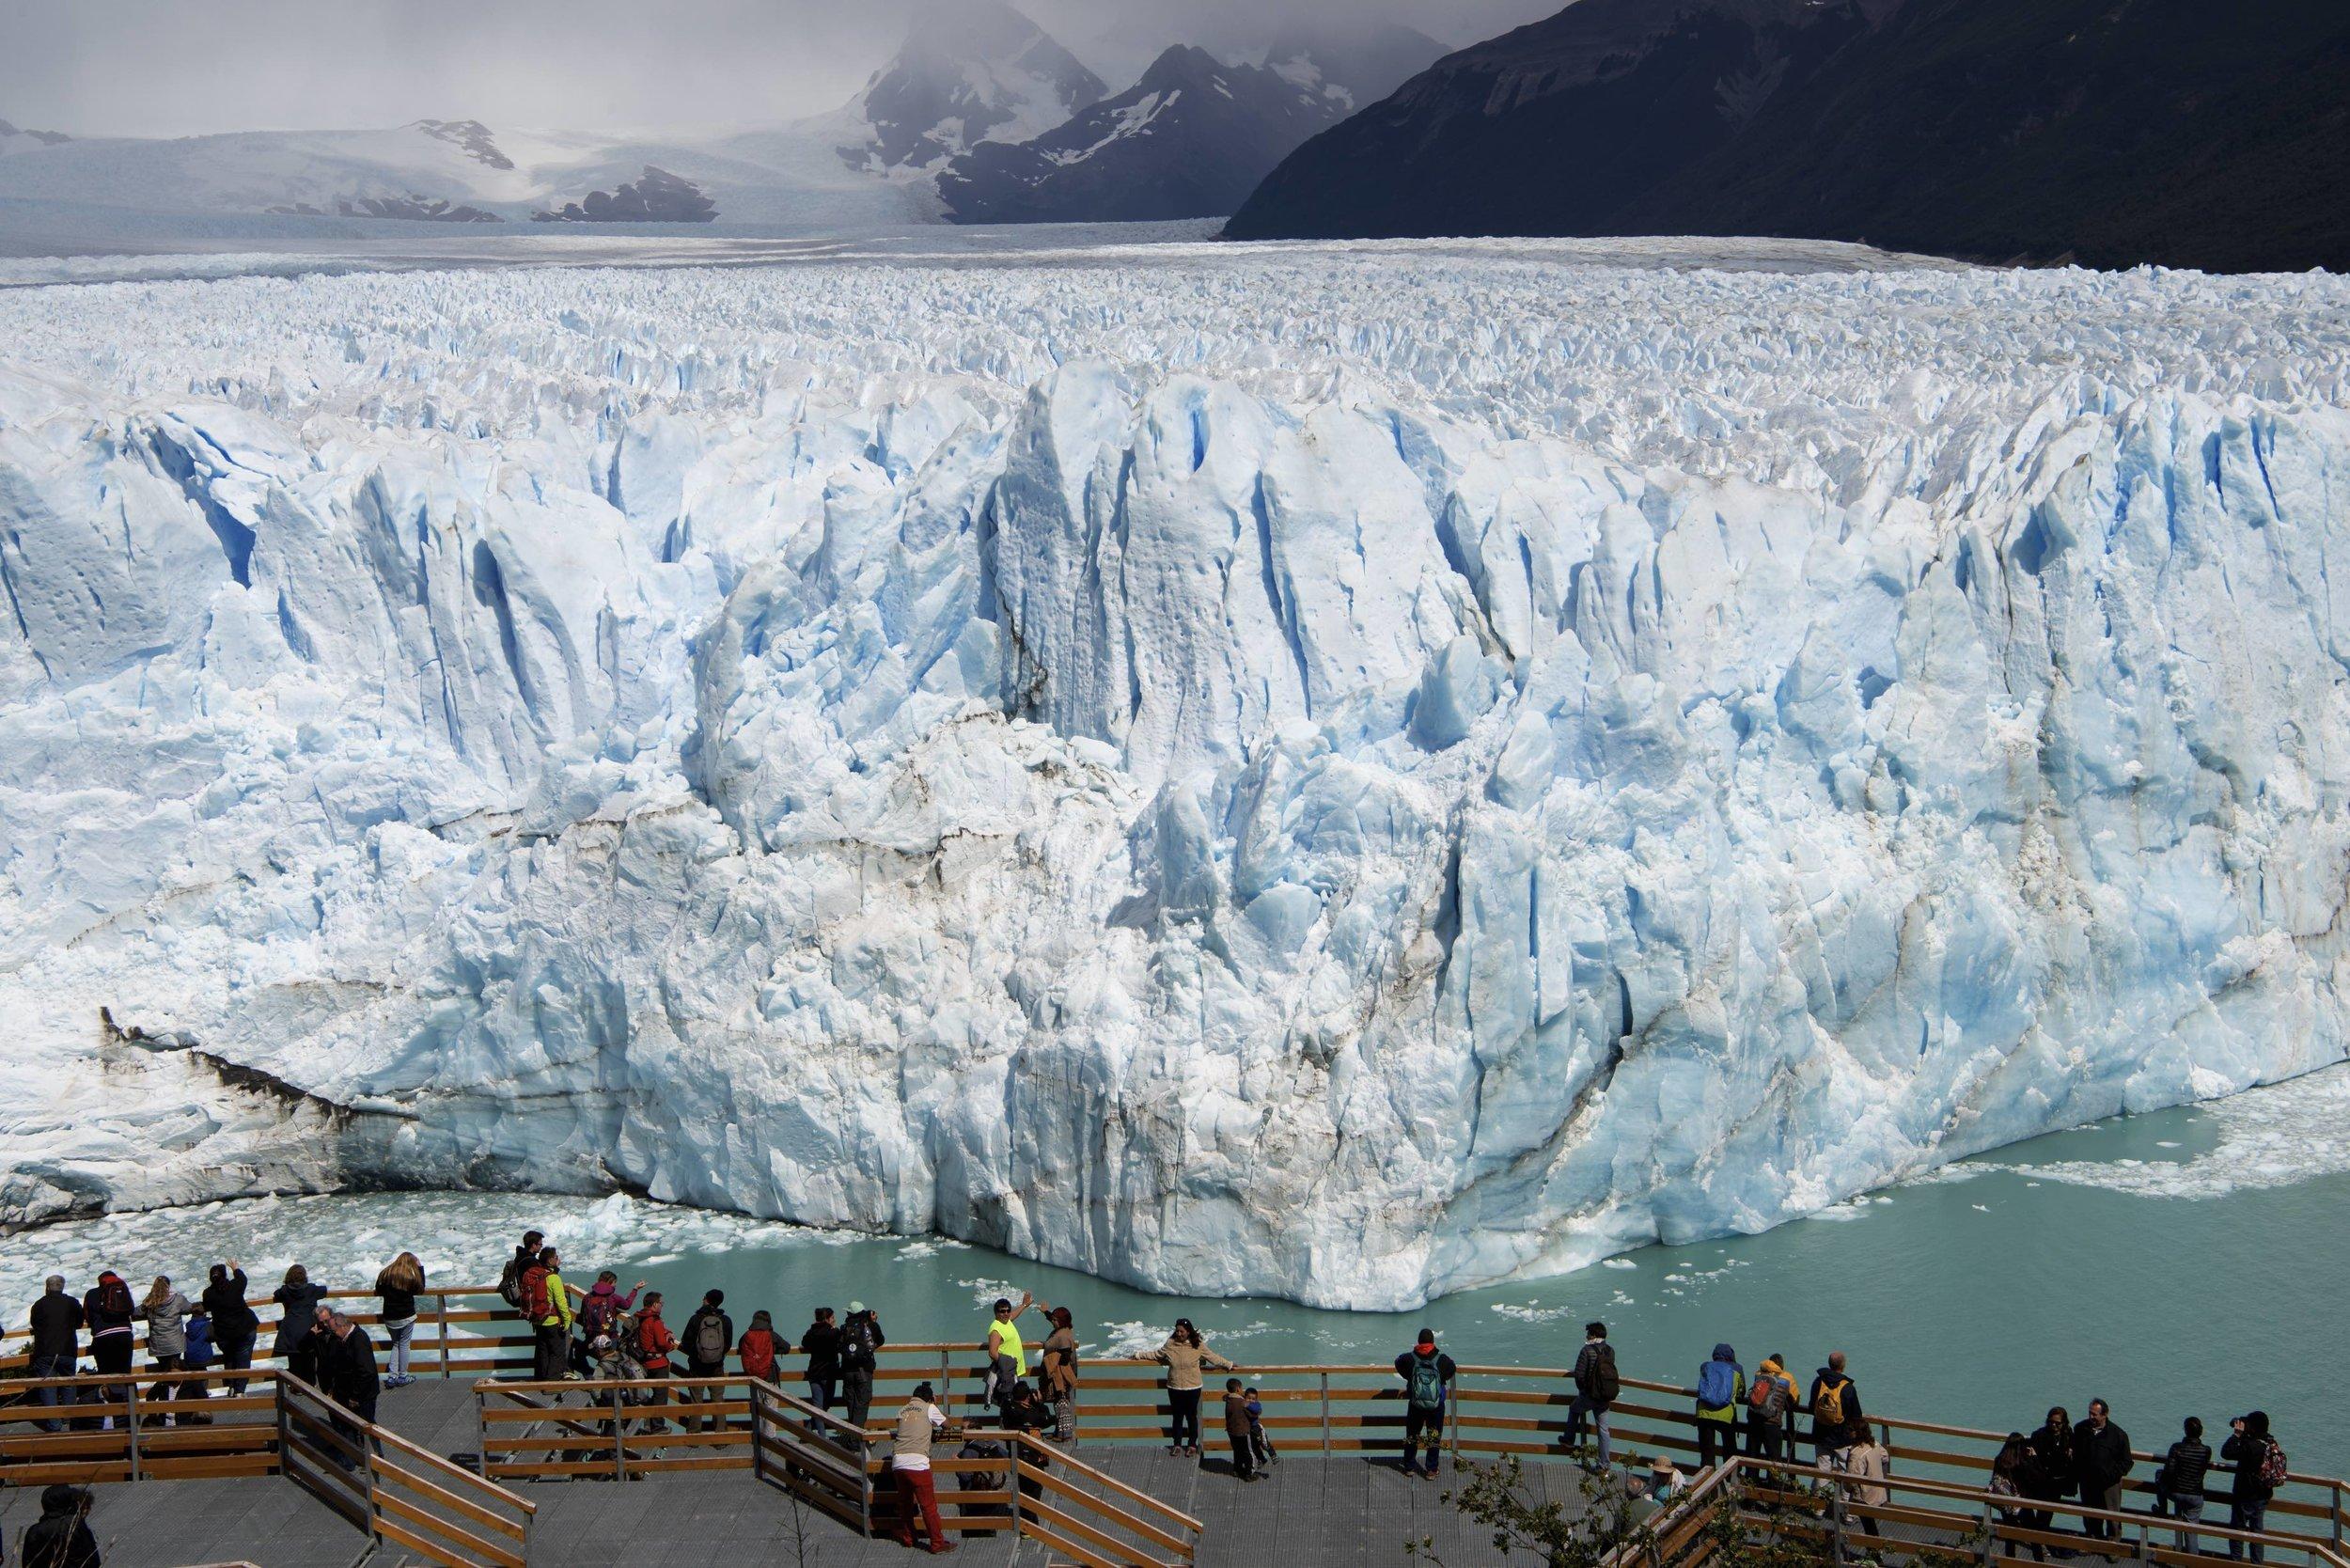 Viewing Platform, Patagonia, 2016